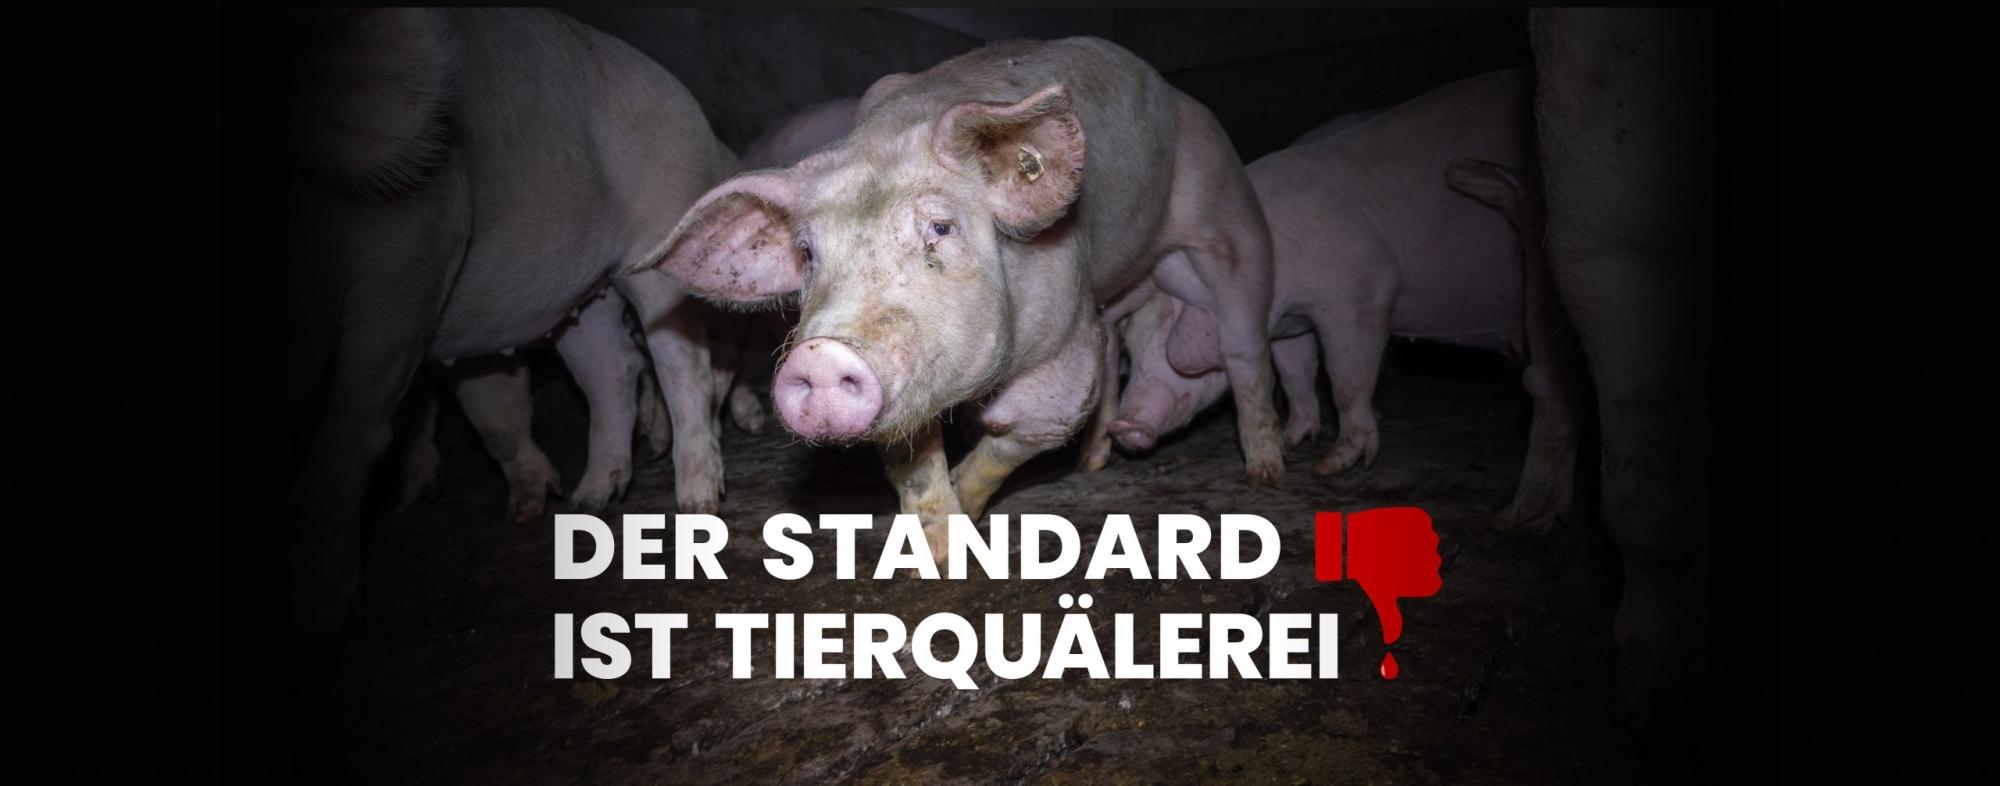 Der Standard ist Tierquälerei